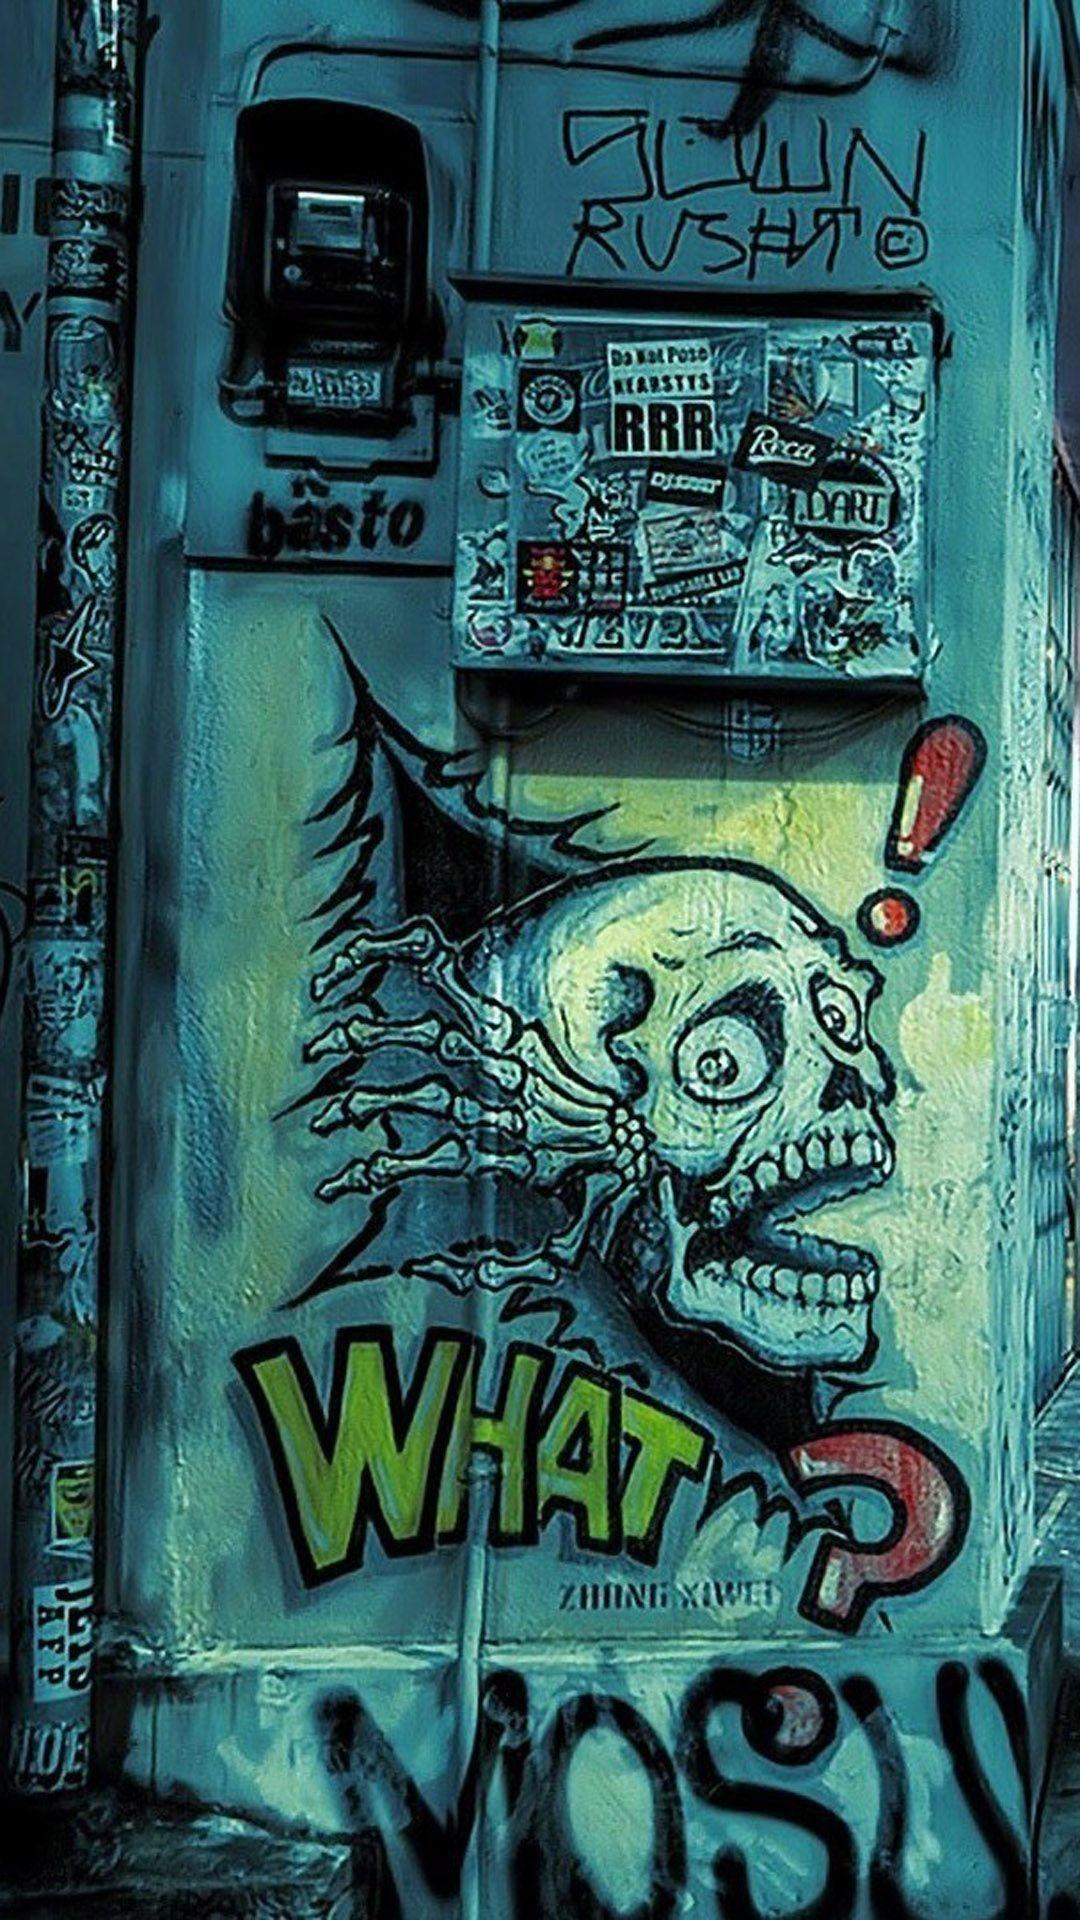 Graffiti art designs - Graffiti Iphone 6 Plus Wallpapers Items Share Graffiti Iphone 6